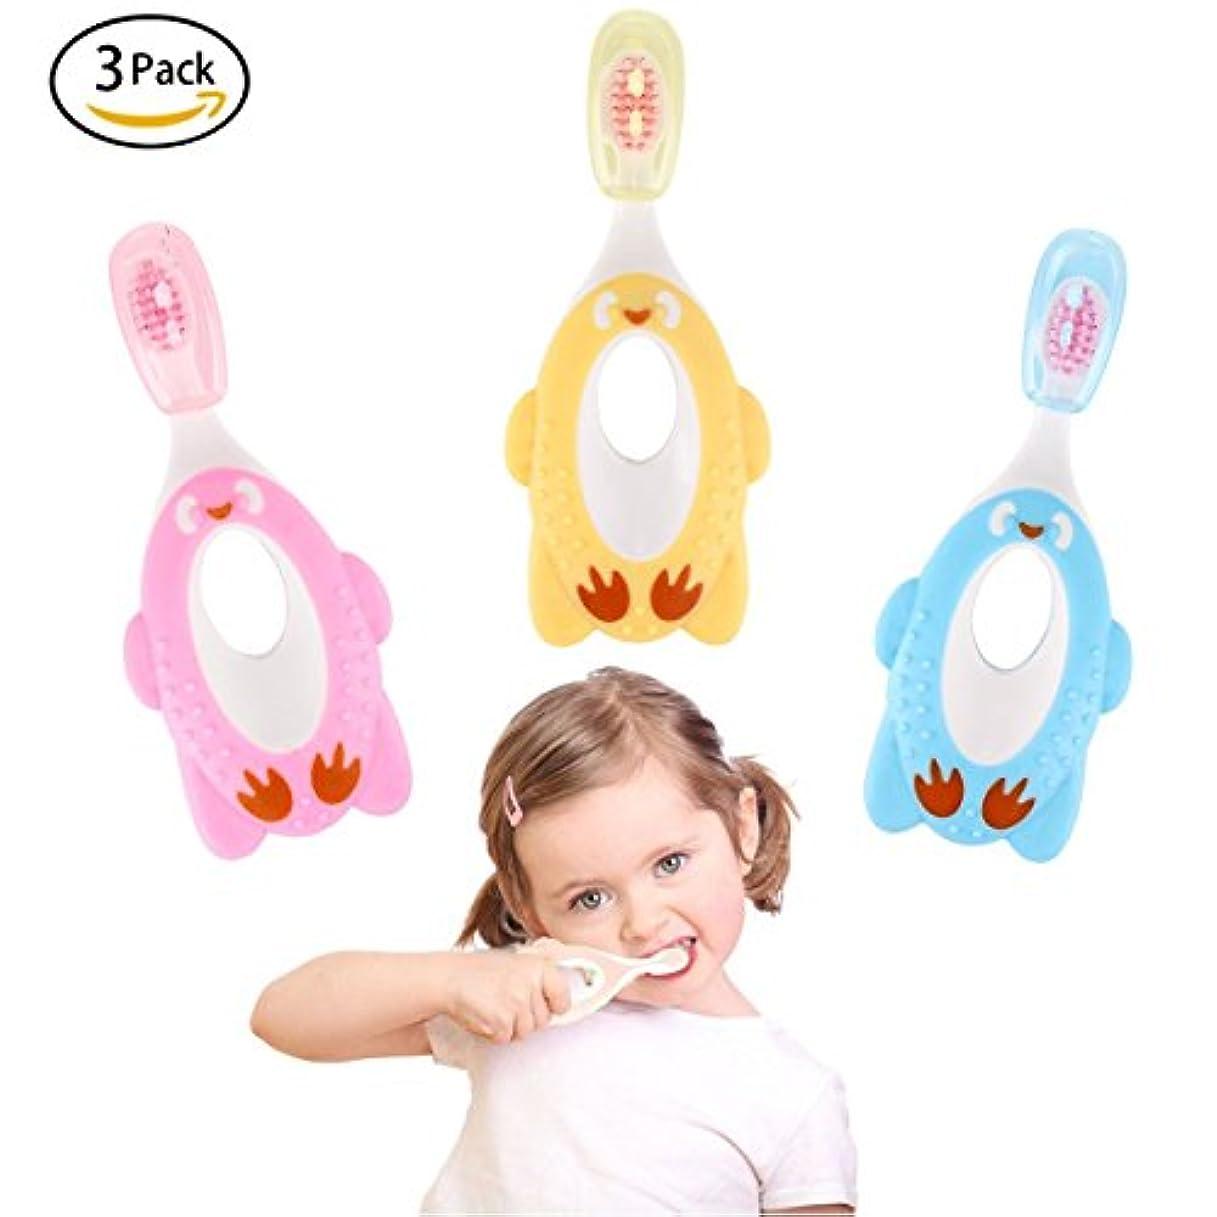 栄養未来オークション(Pink,yellow,blue) - Fancy 3 Pack Step 1 Toothbrush,Soft Bristles,Safety Training Toothbrush for 1- 6 Years Old